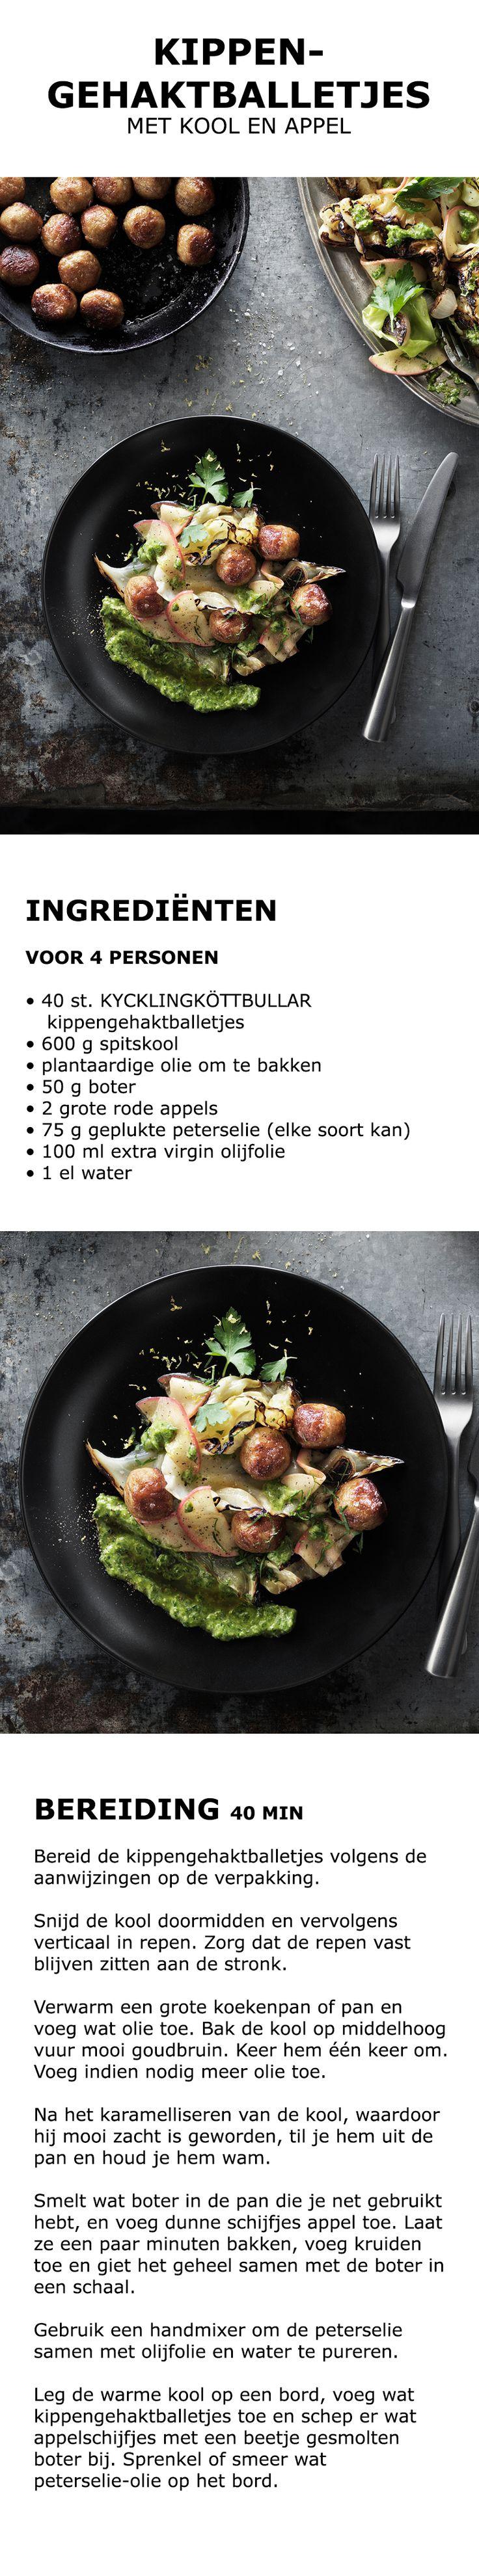 Inspiratie voor de feestdagen - Kippengehaktballetjes met kool en appel | IKEA IKEAnederland koken keuken recept herfst winter kerst diner lunch zweeds gerecht menu